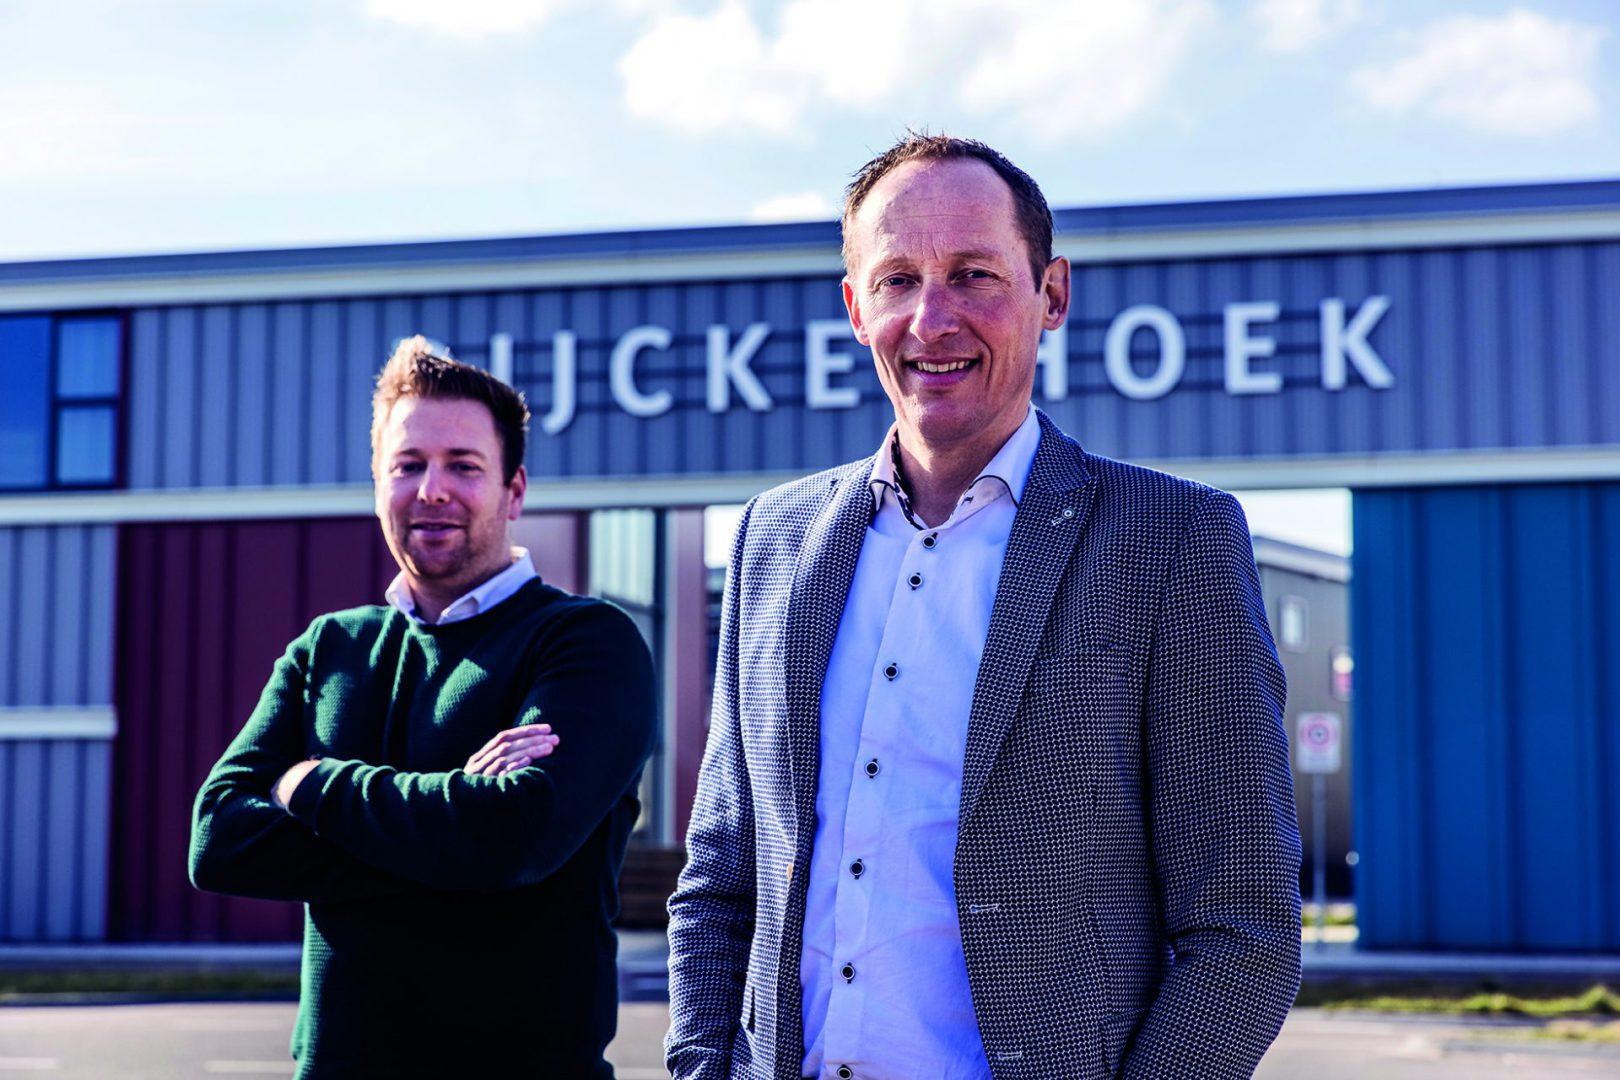 NIEUWE LEDEN: Arjan Herreveld en Edwin Struik